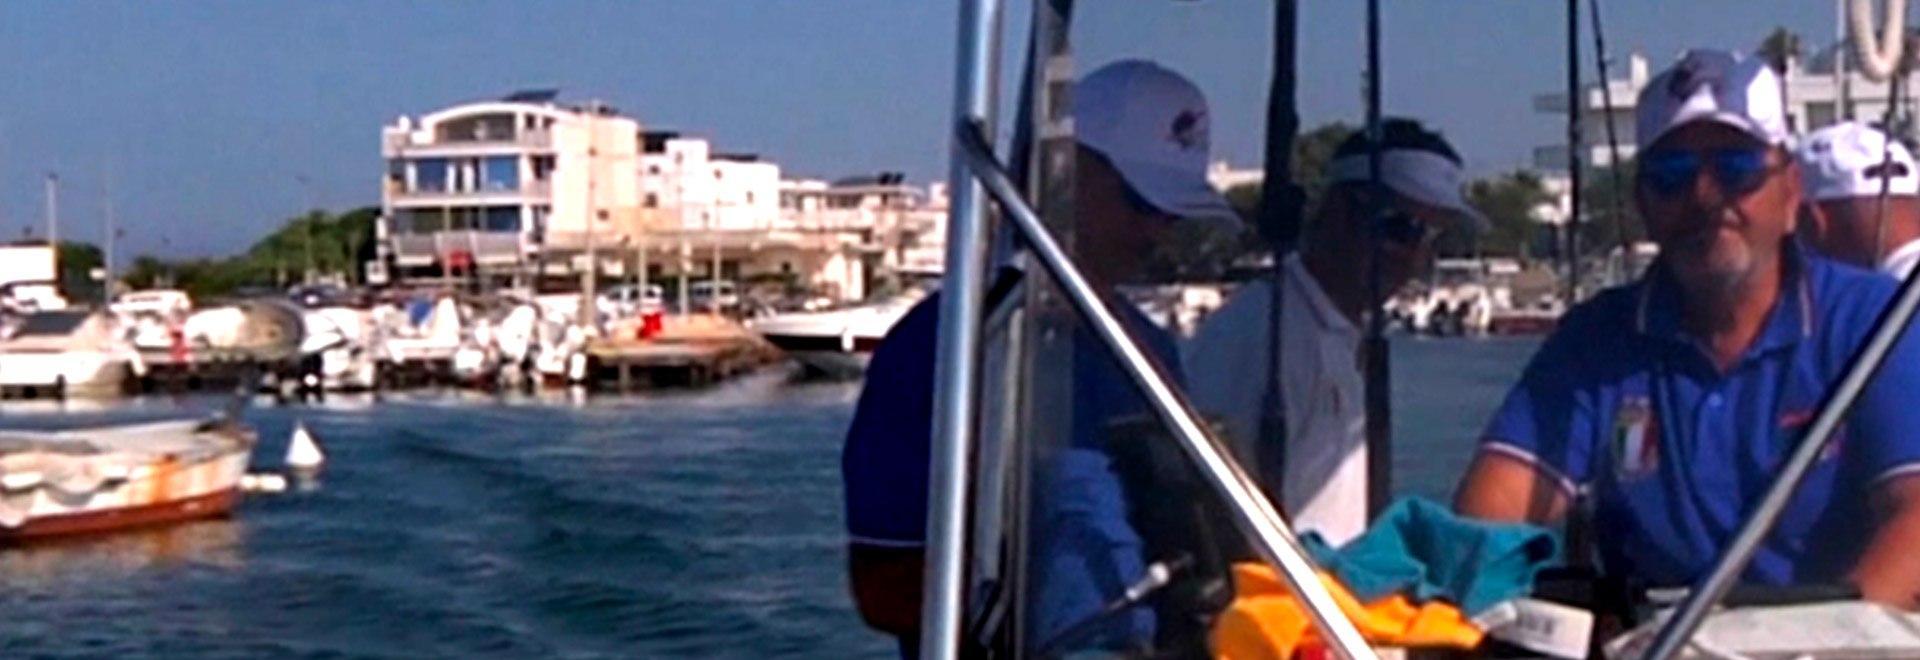 I tonni del Golfo di Salerno. 1a parte